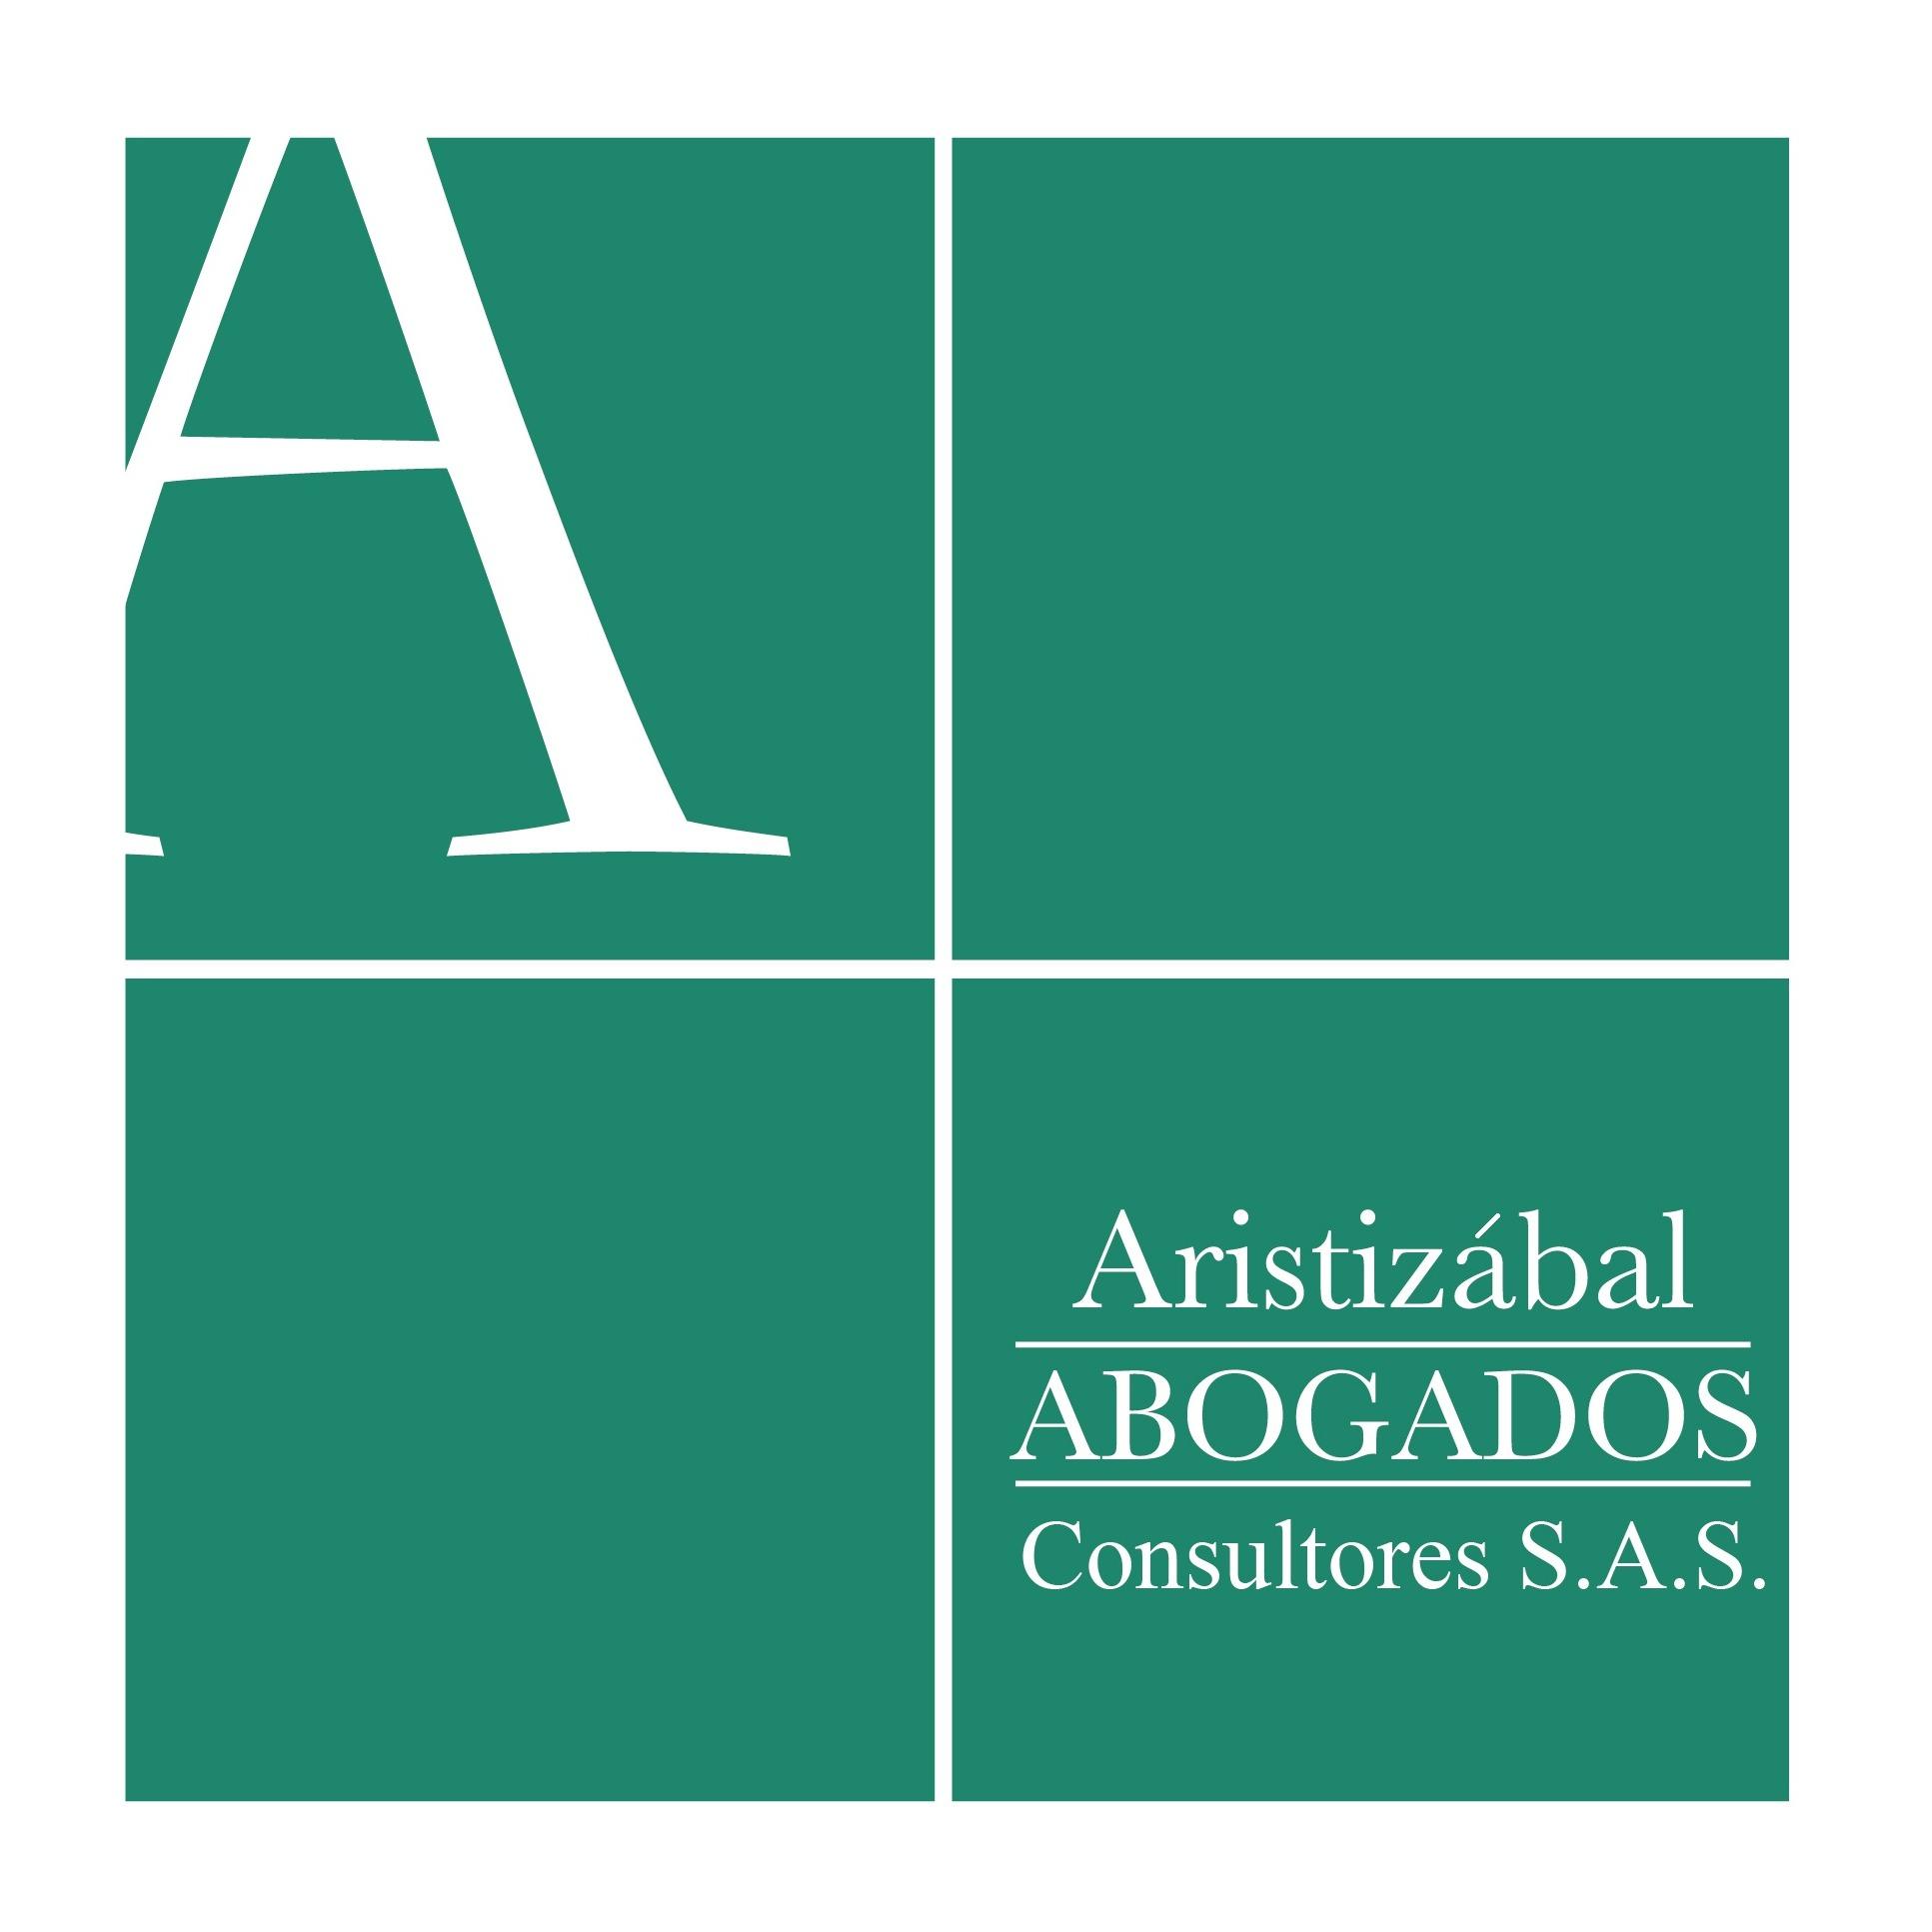 the Aristizábal Abogados logo.